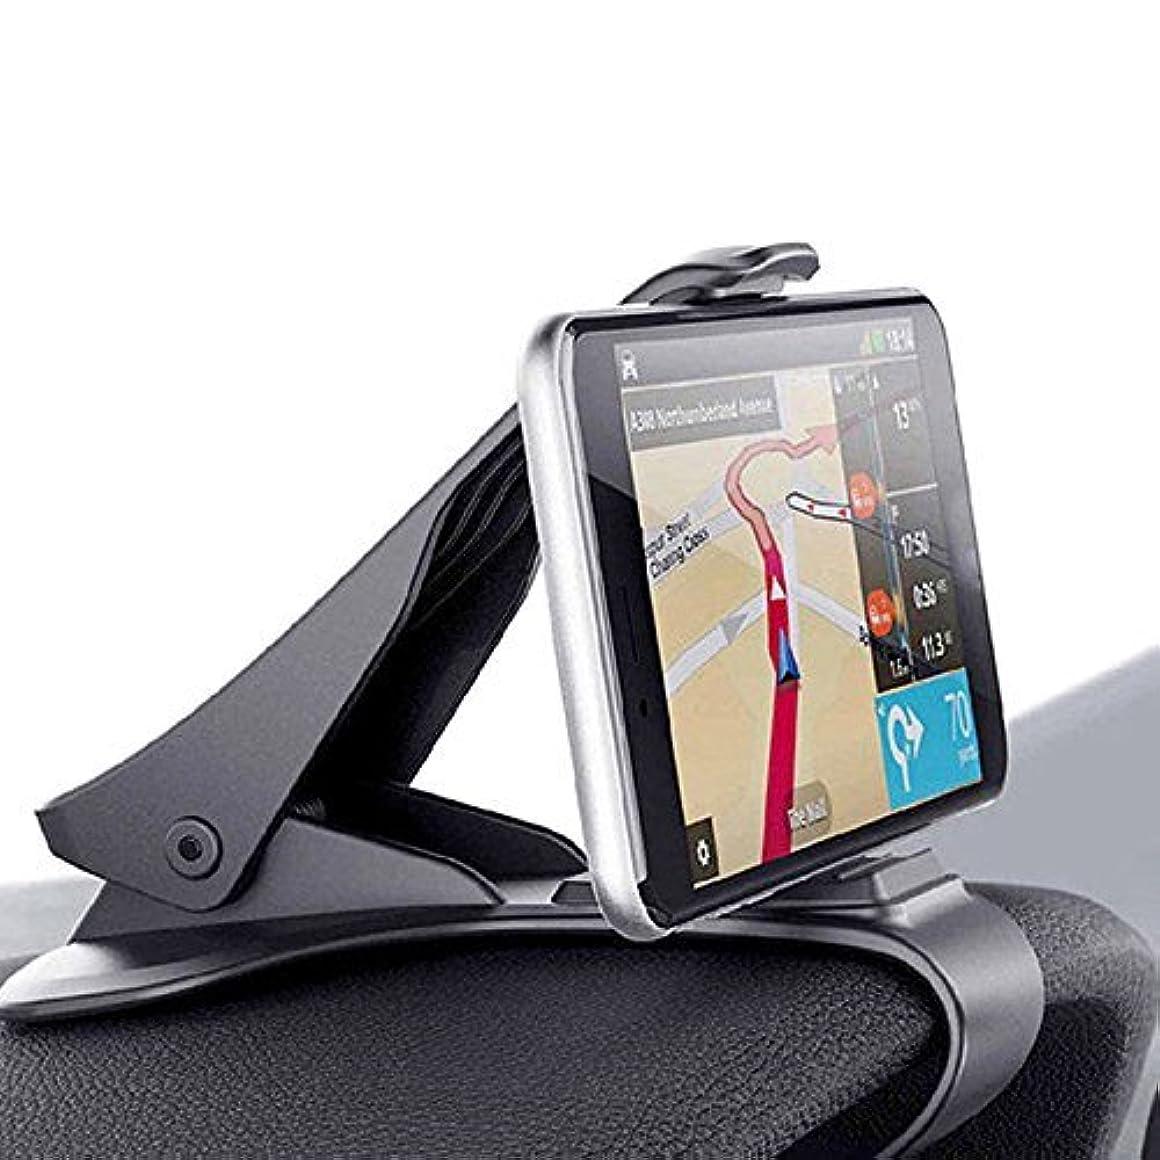 姪こどもの宮殿カップルBeito 車載ホルダー クリップ式 カーマウント カーホルダー ダッシュボード HUD設計 取り付け iOS/Android対応